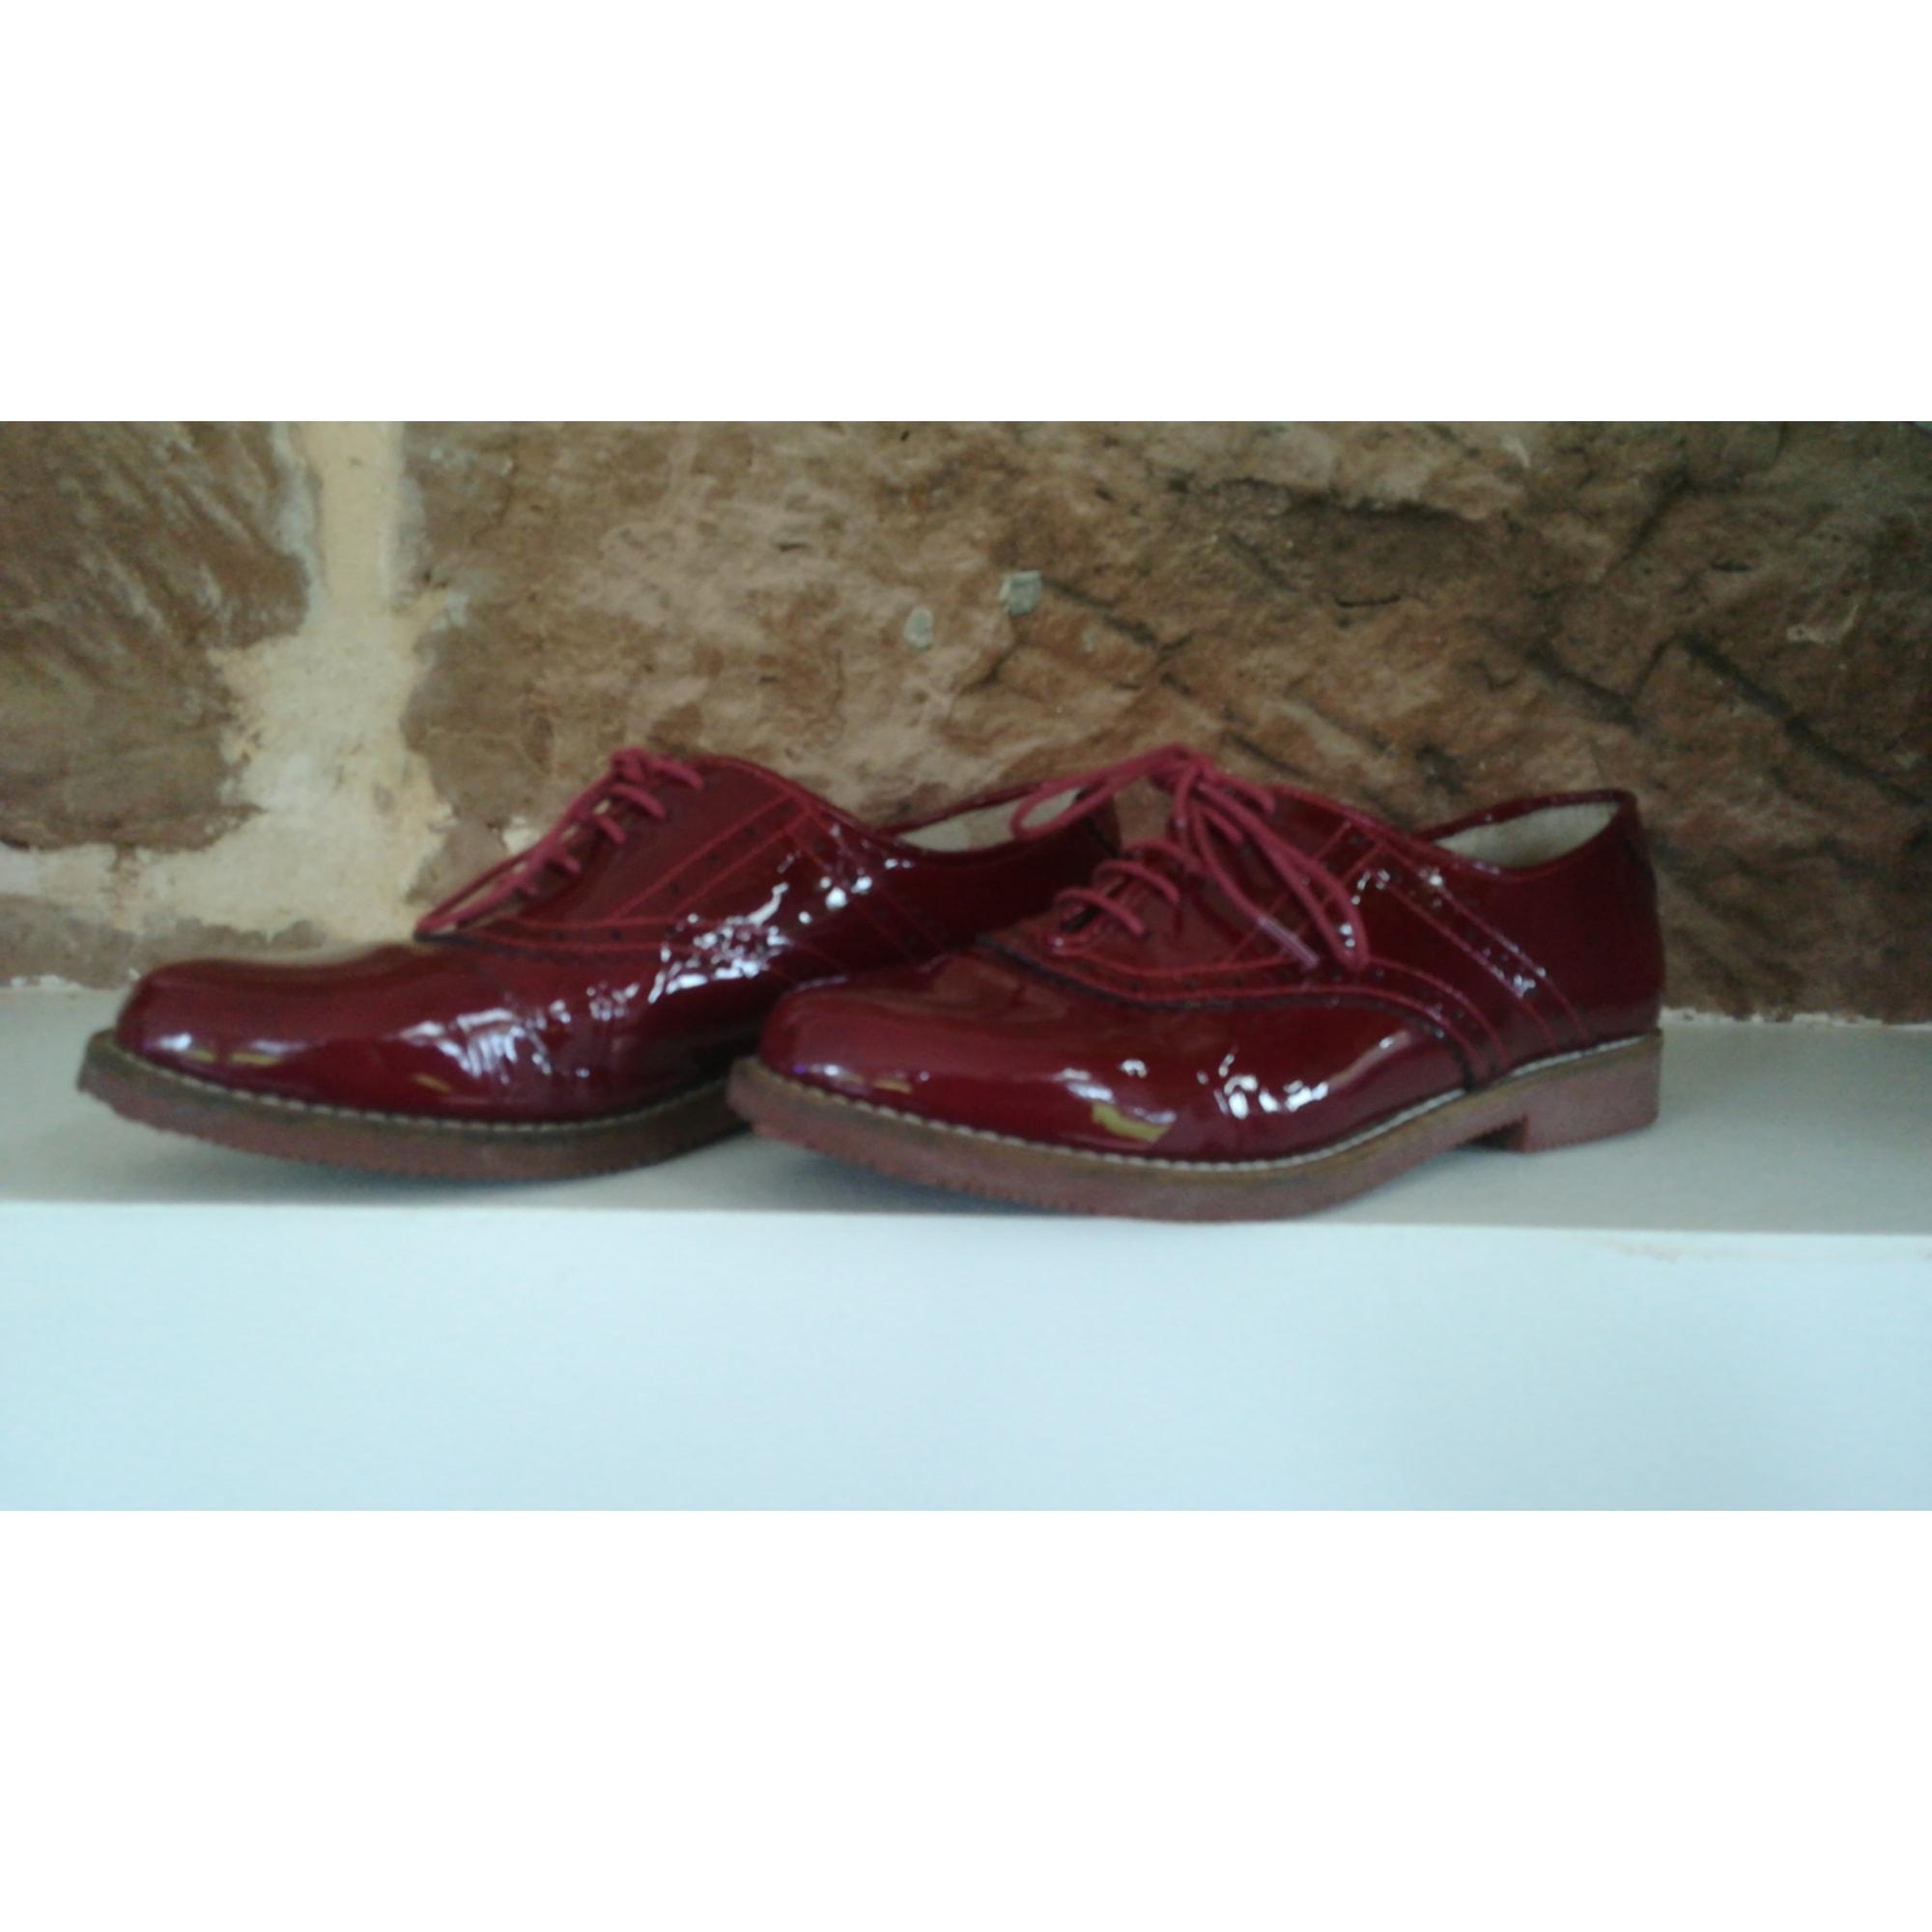 44b1a7351a8 Chaussures à lacets ANDRÉ 37 rouge - 7207915